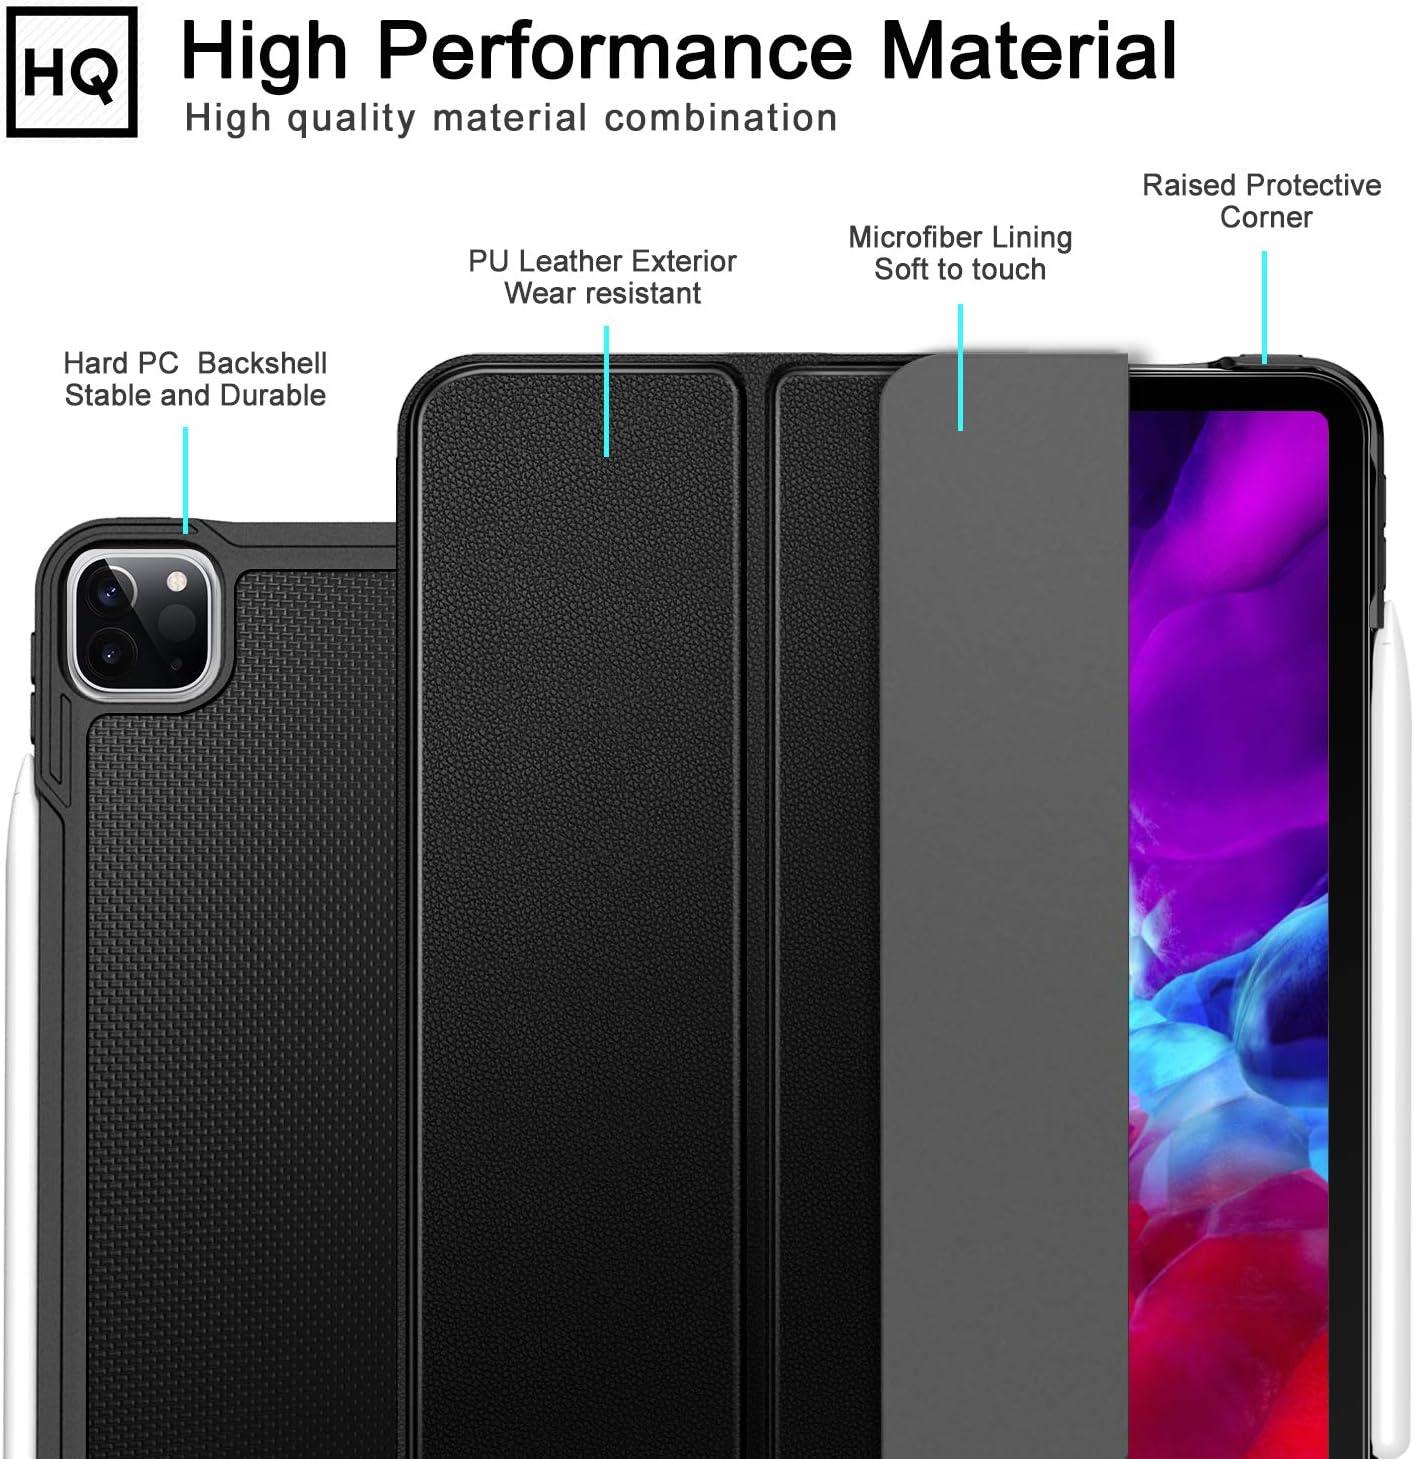 ZtotopCase H/ülle f/ür iPad Pro 12.9 2020 ,Ultrad/ünne Leicht PU Leder Smart H/ülle mit PC R/ückseite Abdeckung,Unterst/ützt Das Aufladen des iPad Pencil,f/ür iPad Pro 12.9 Zoll 2020,Schwarz 4. Generation